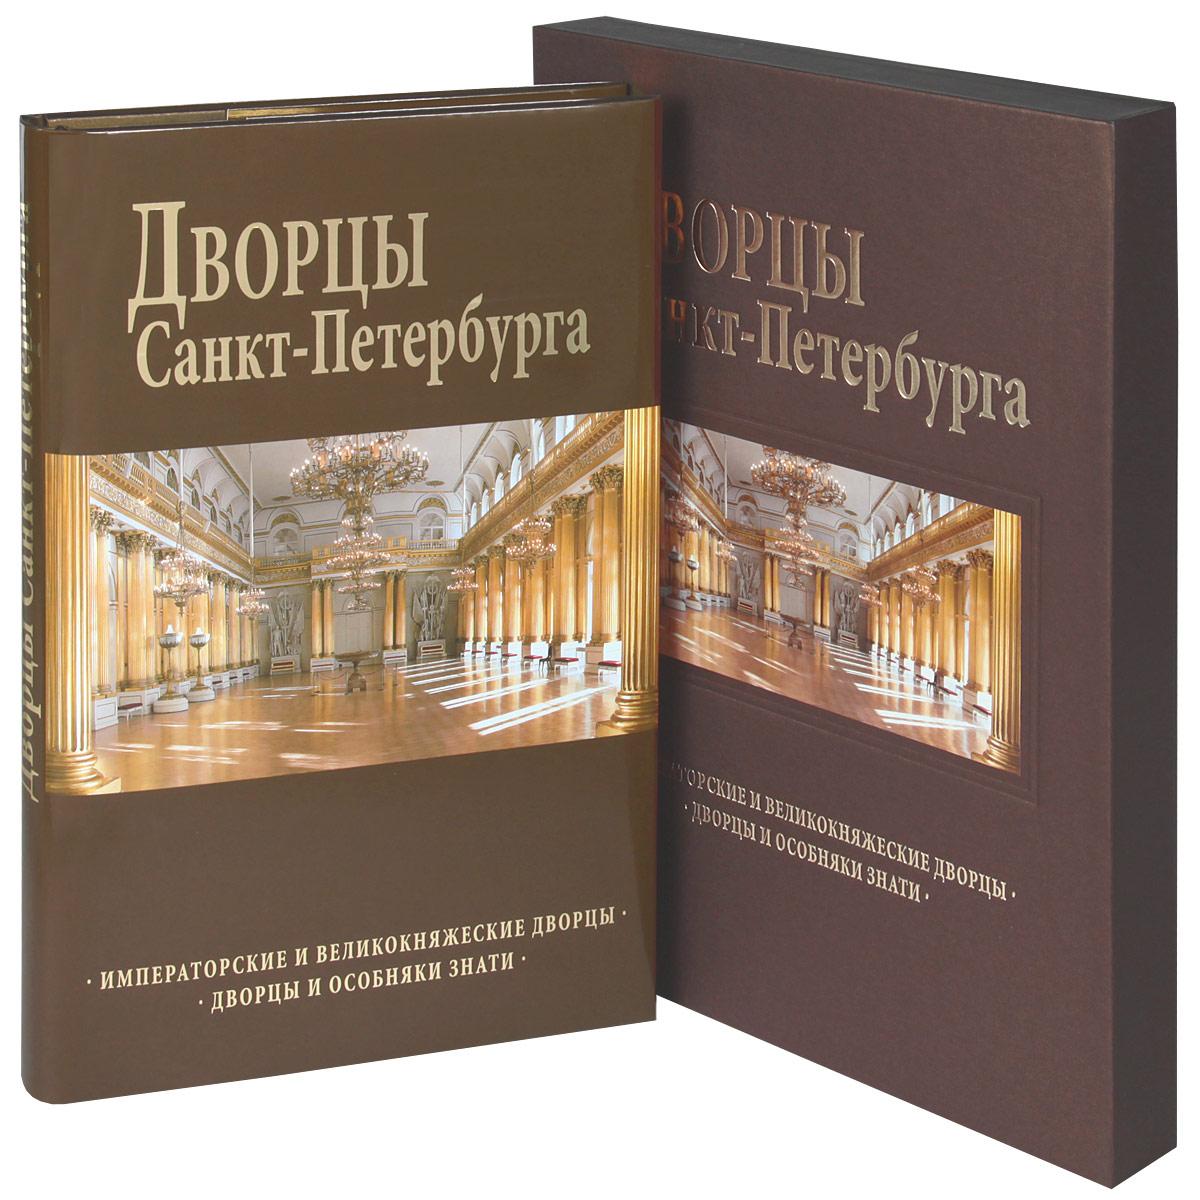 Б. И. Антонов, Н. Попова, А. Г. Раскин Дворцы Санкт-Петербурга (подарочное издание)